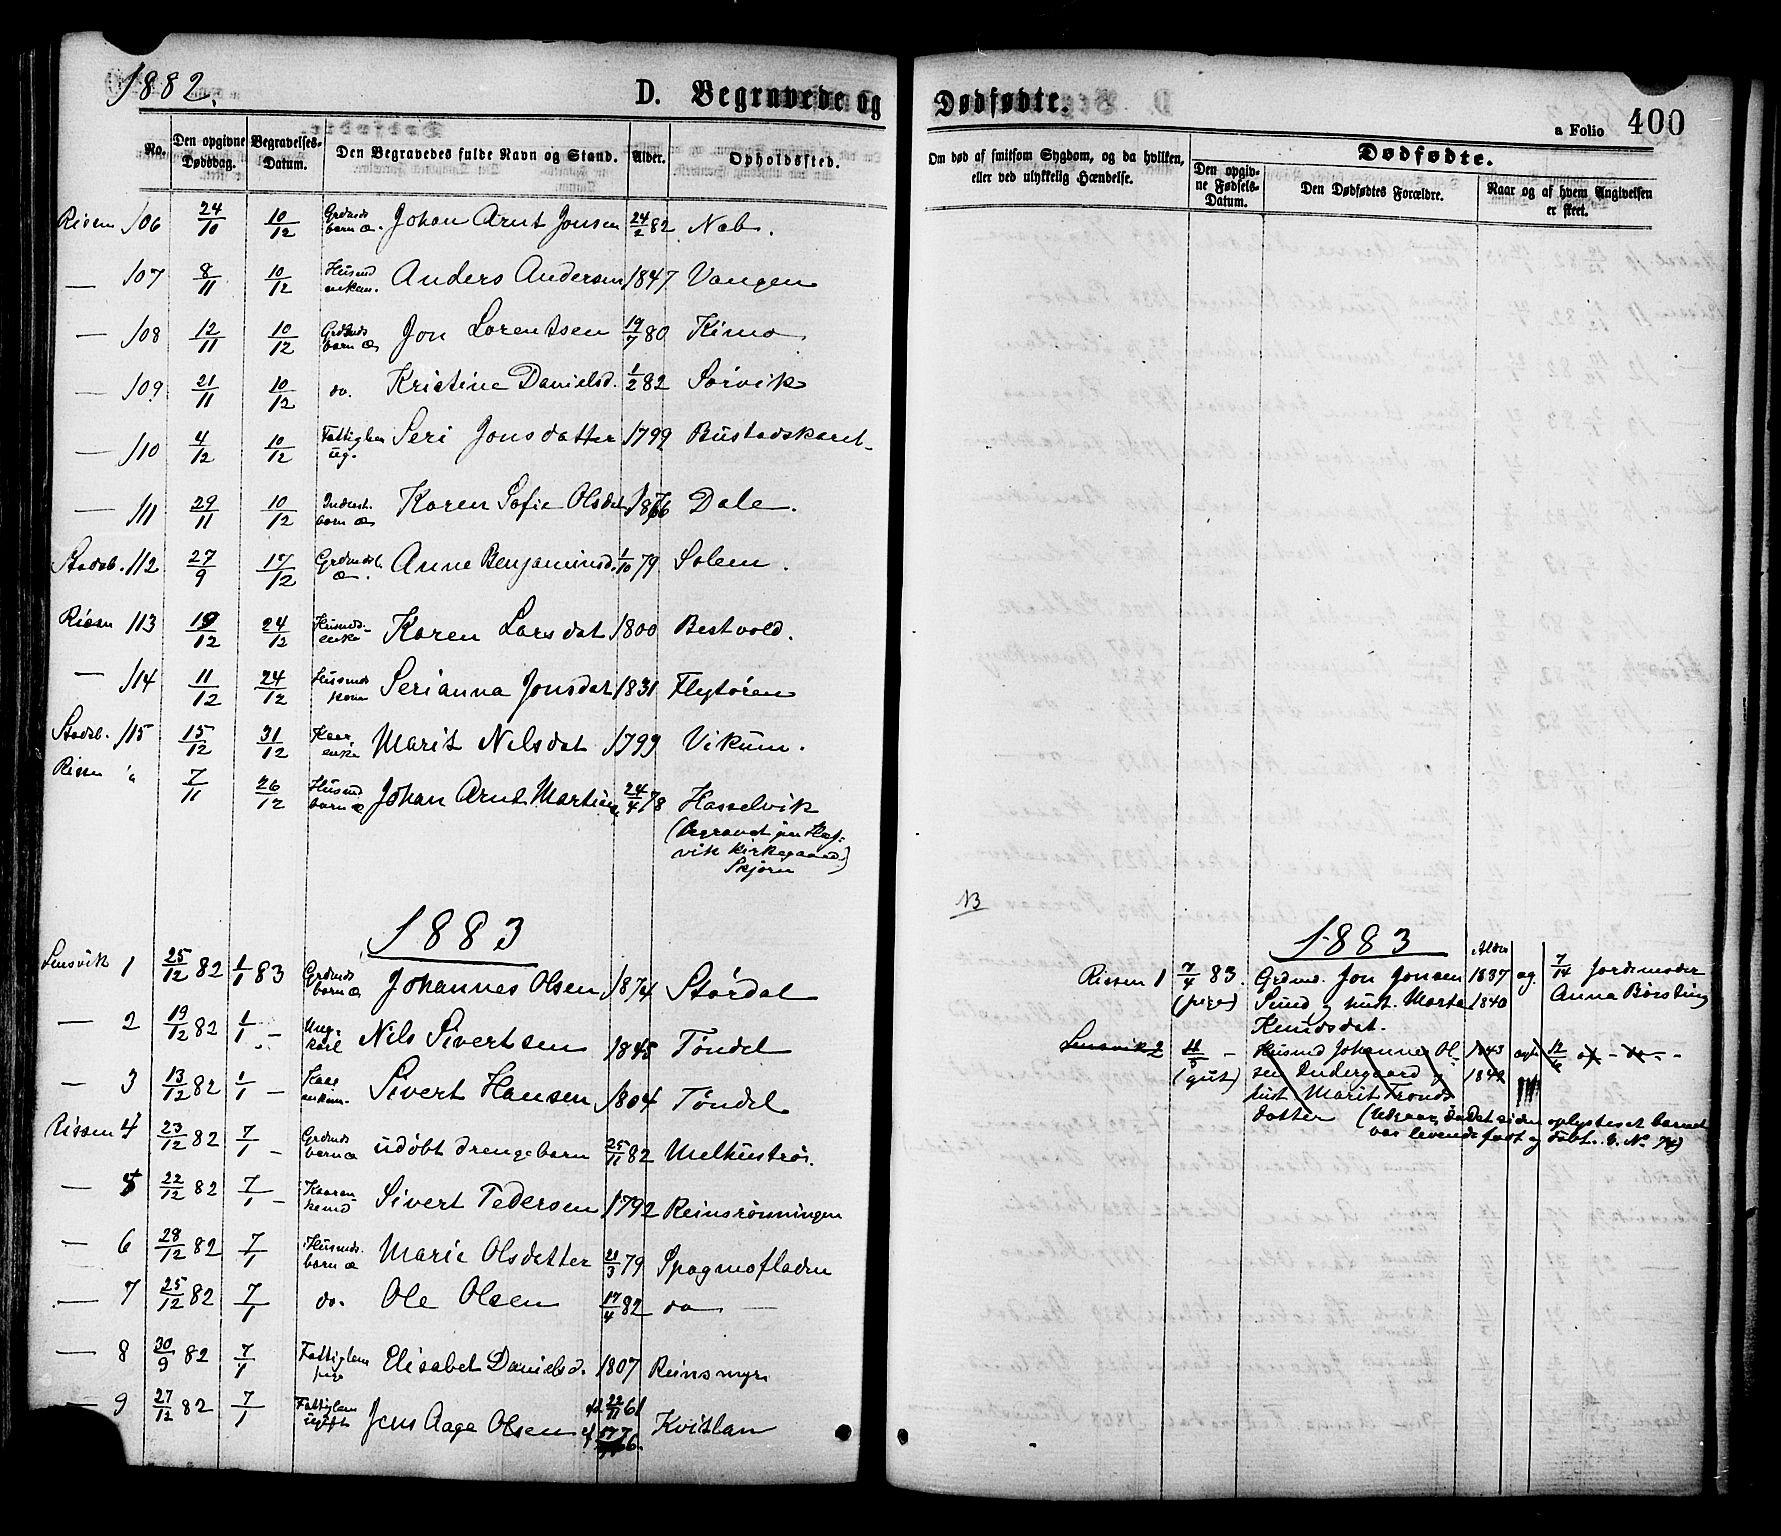 SAT, Ministerialprotokoller, klokkerbøker og fødselsregistre - Sør-Trøndelag, 646/L0613: Ministerialbok nr. 646A11, 1870-1884, s. 400